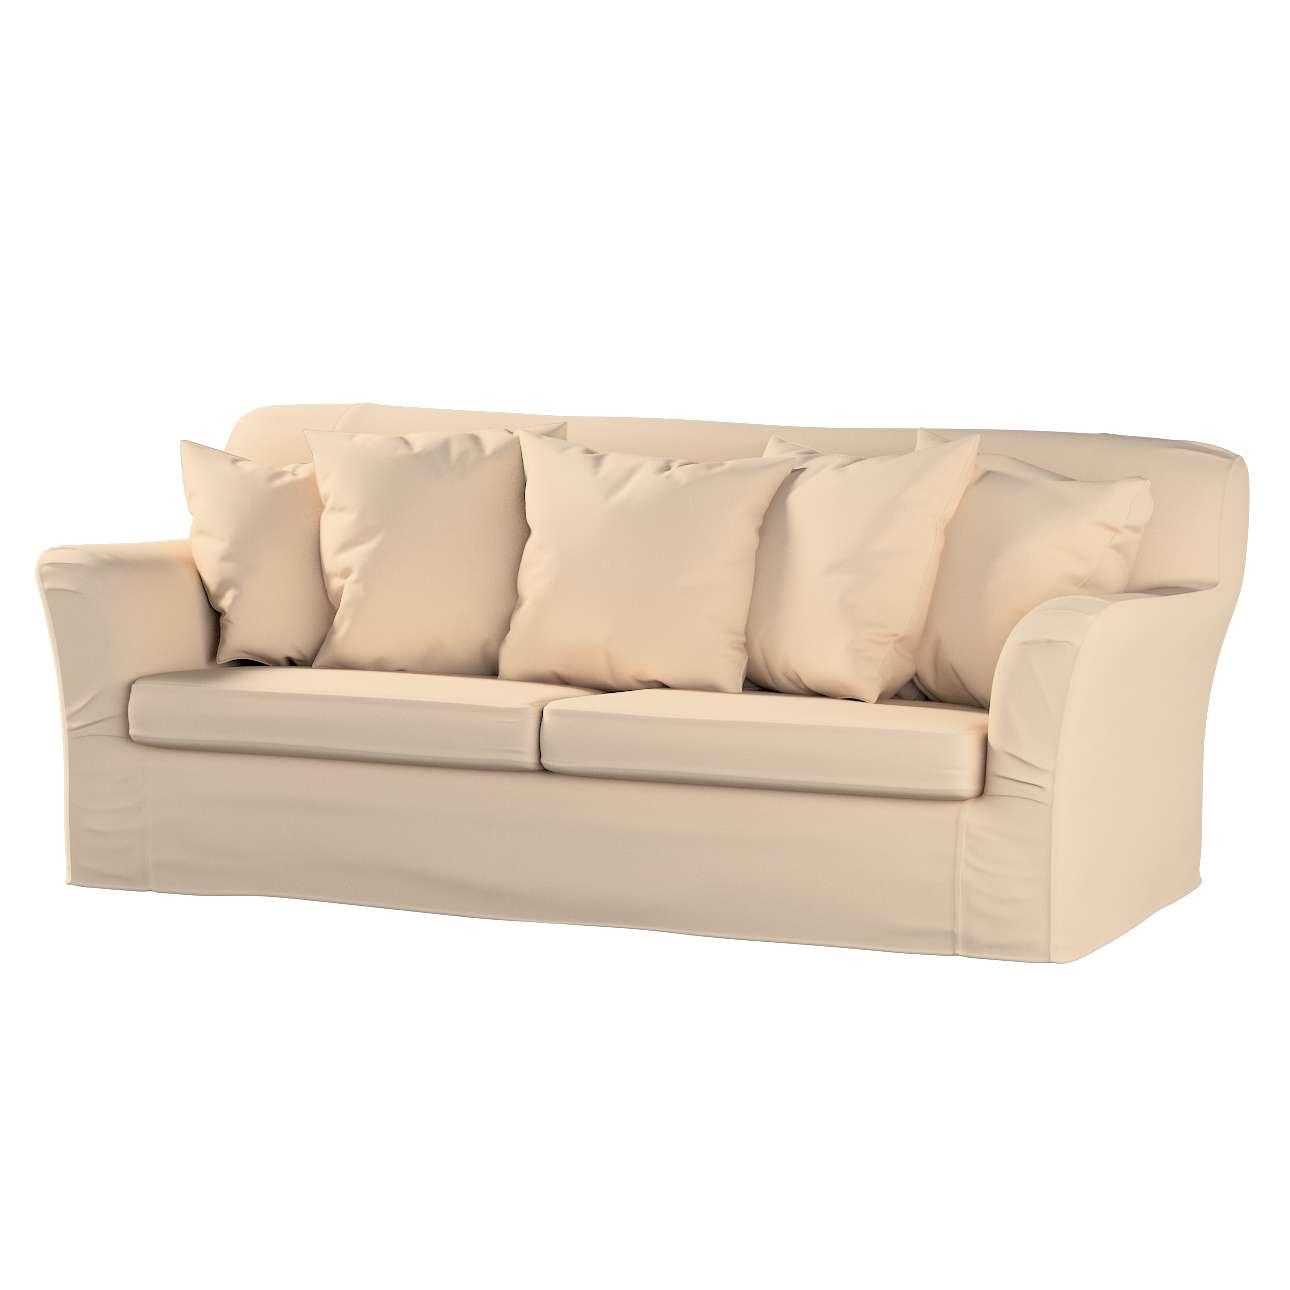 Pokrowiec na sofę Tomelilla 3-osobową rozkładaną w kolekcji Living, tkanina: 160-61